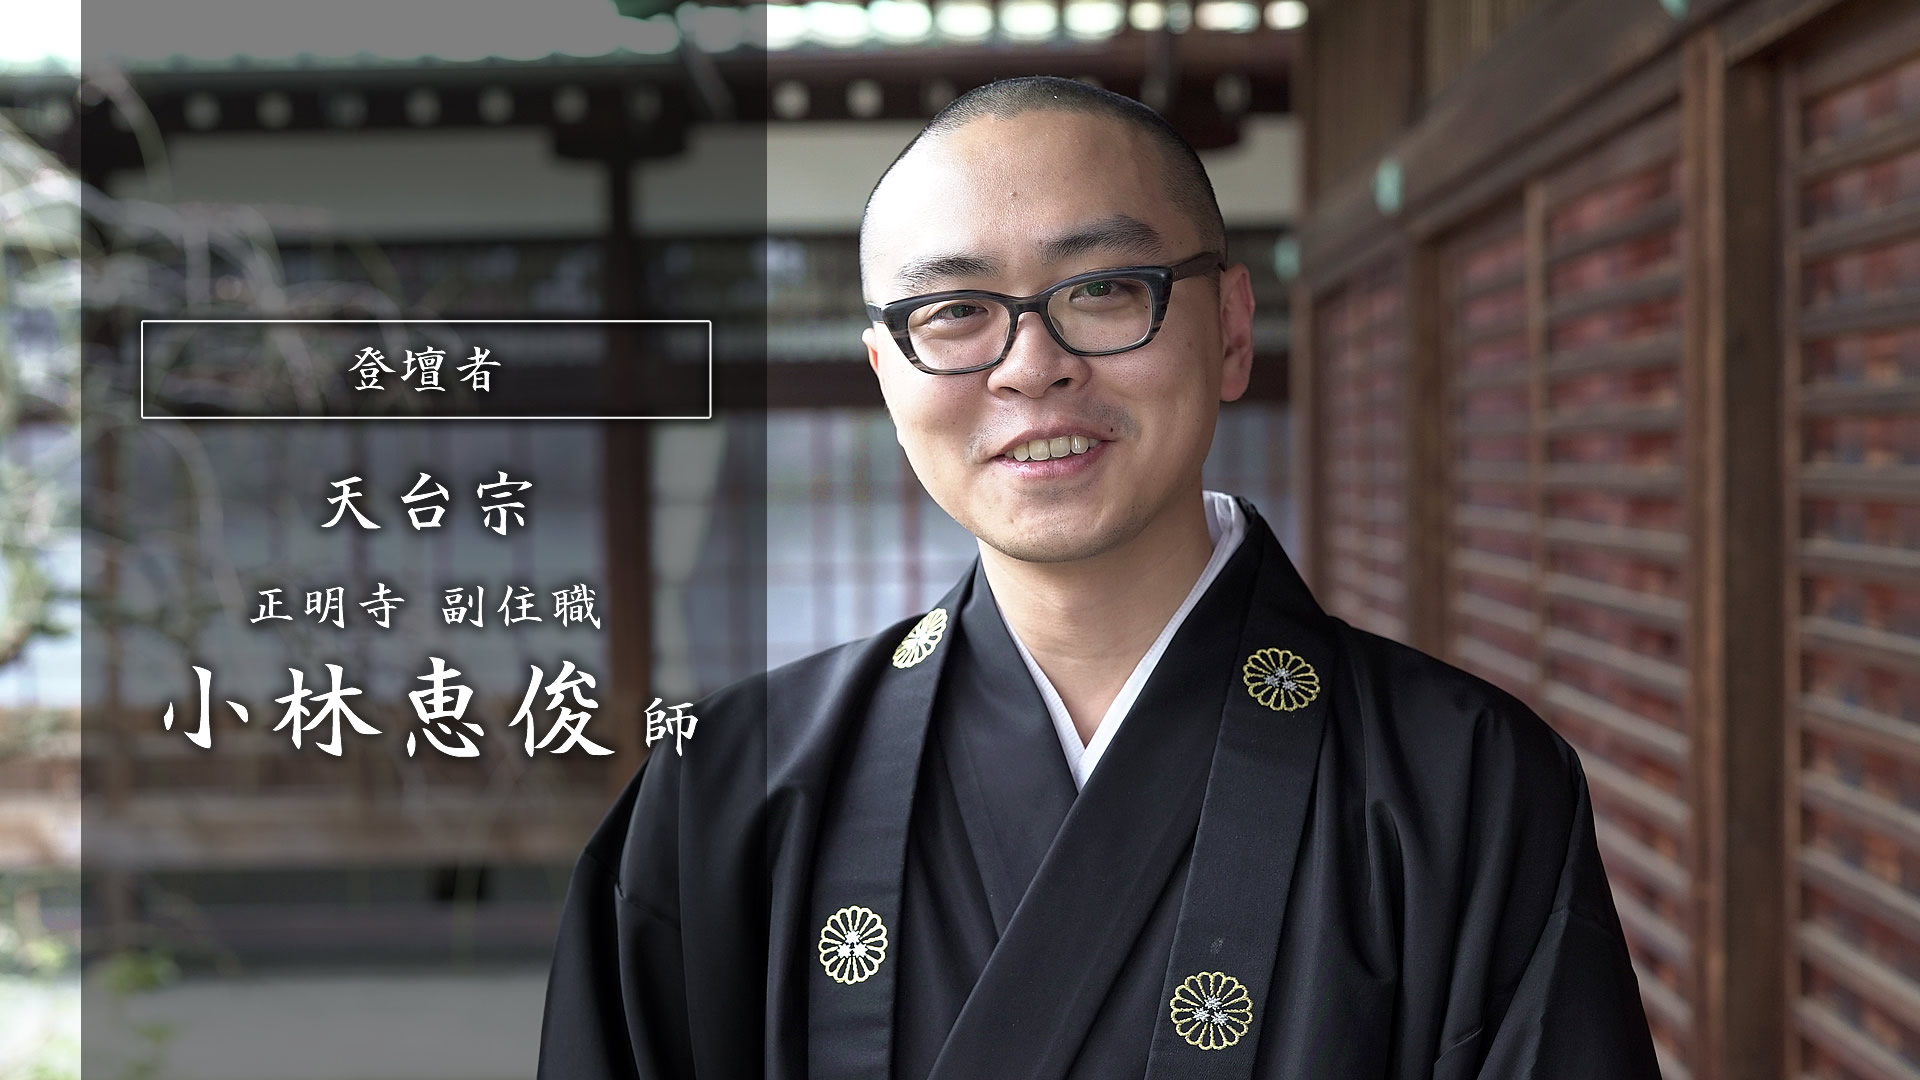 正明寺小林恵俊師